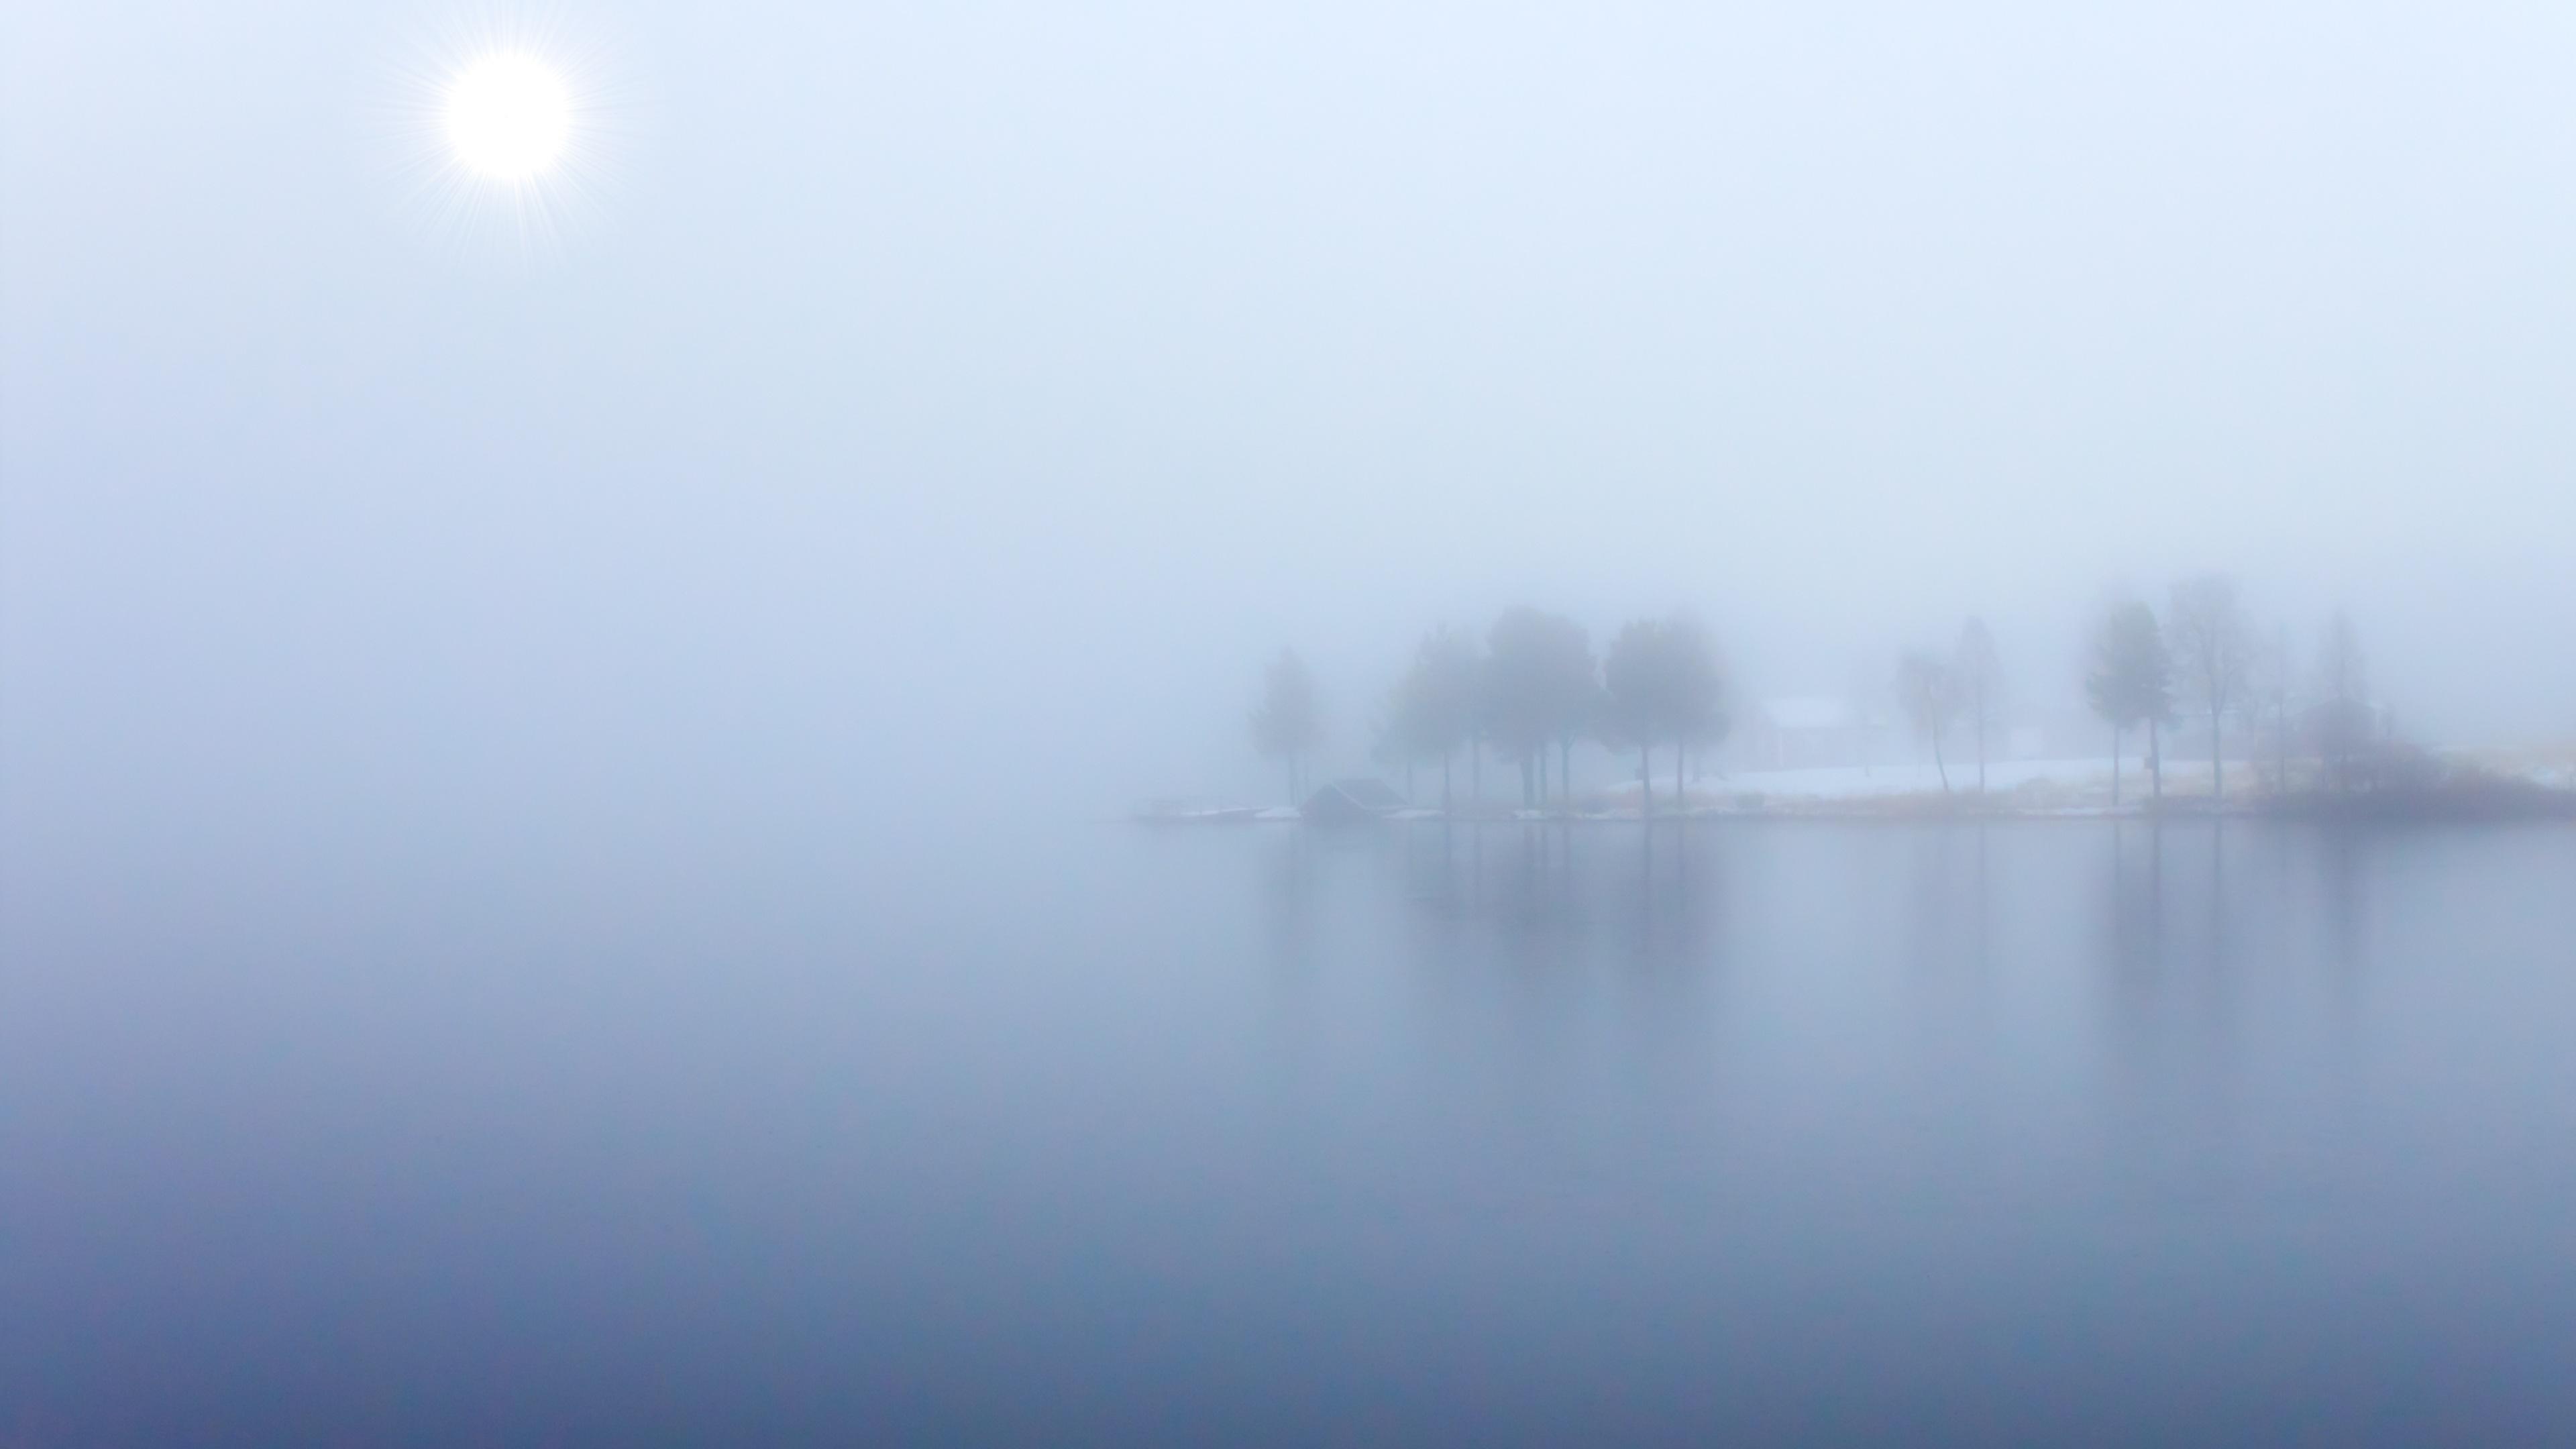 Foggy Blue Lake View 4K Ultra HD Desktop Wallpaper 3840x2160